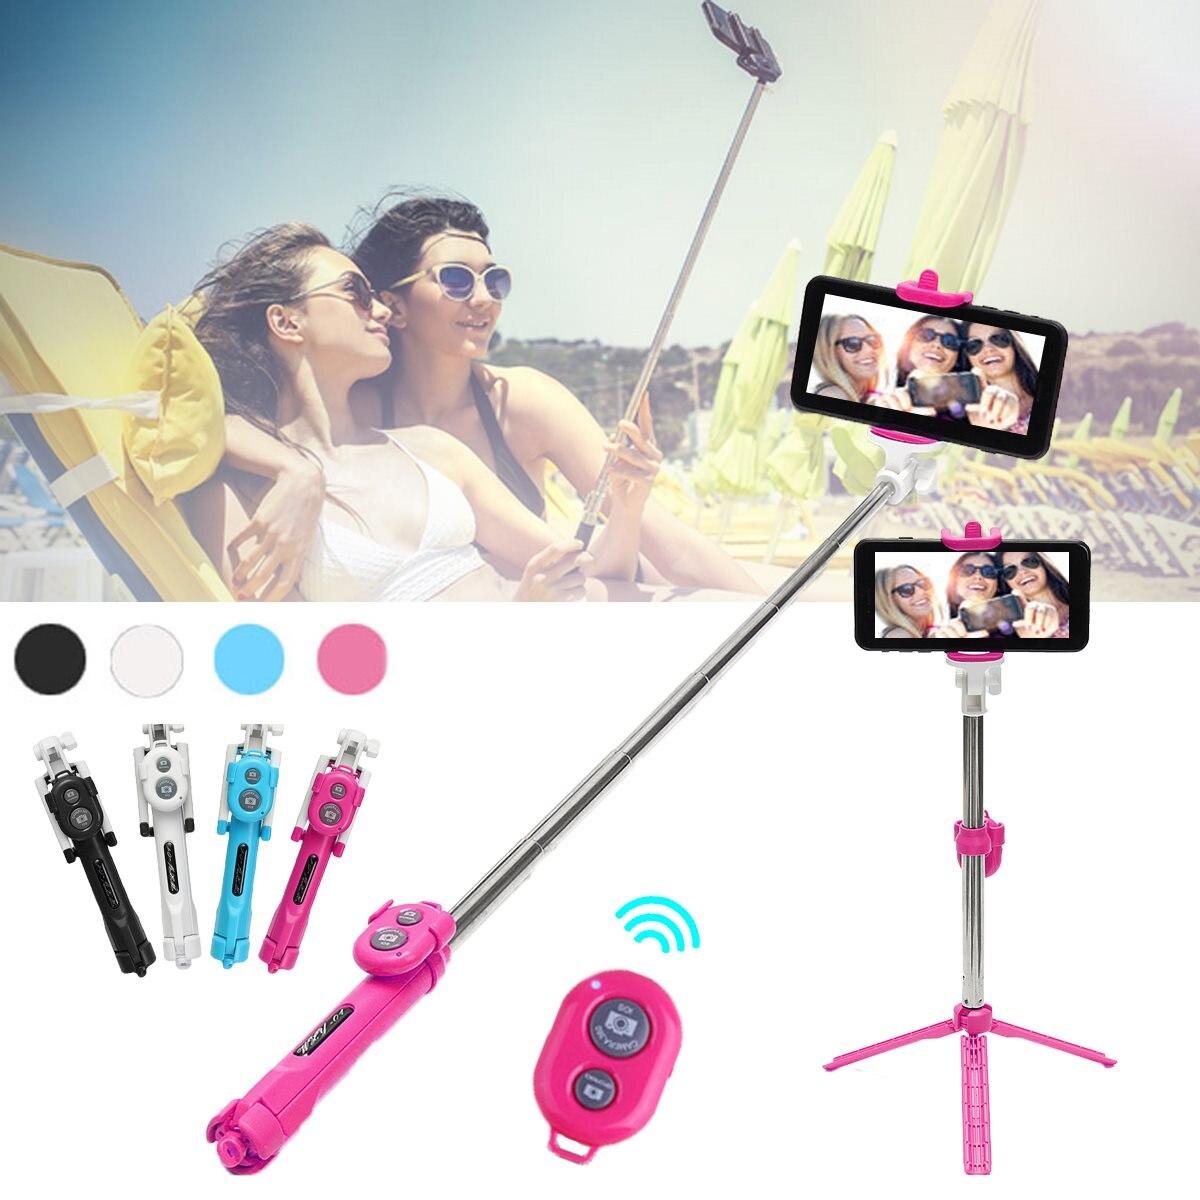 NEUE Universal Bluetooth Selfie Stick + Stativ + Shutter Drahtlose Einbeinstativ Für iPhone 7 7 Plus 5 6 6 s plus Self-timer Für Samsung